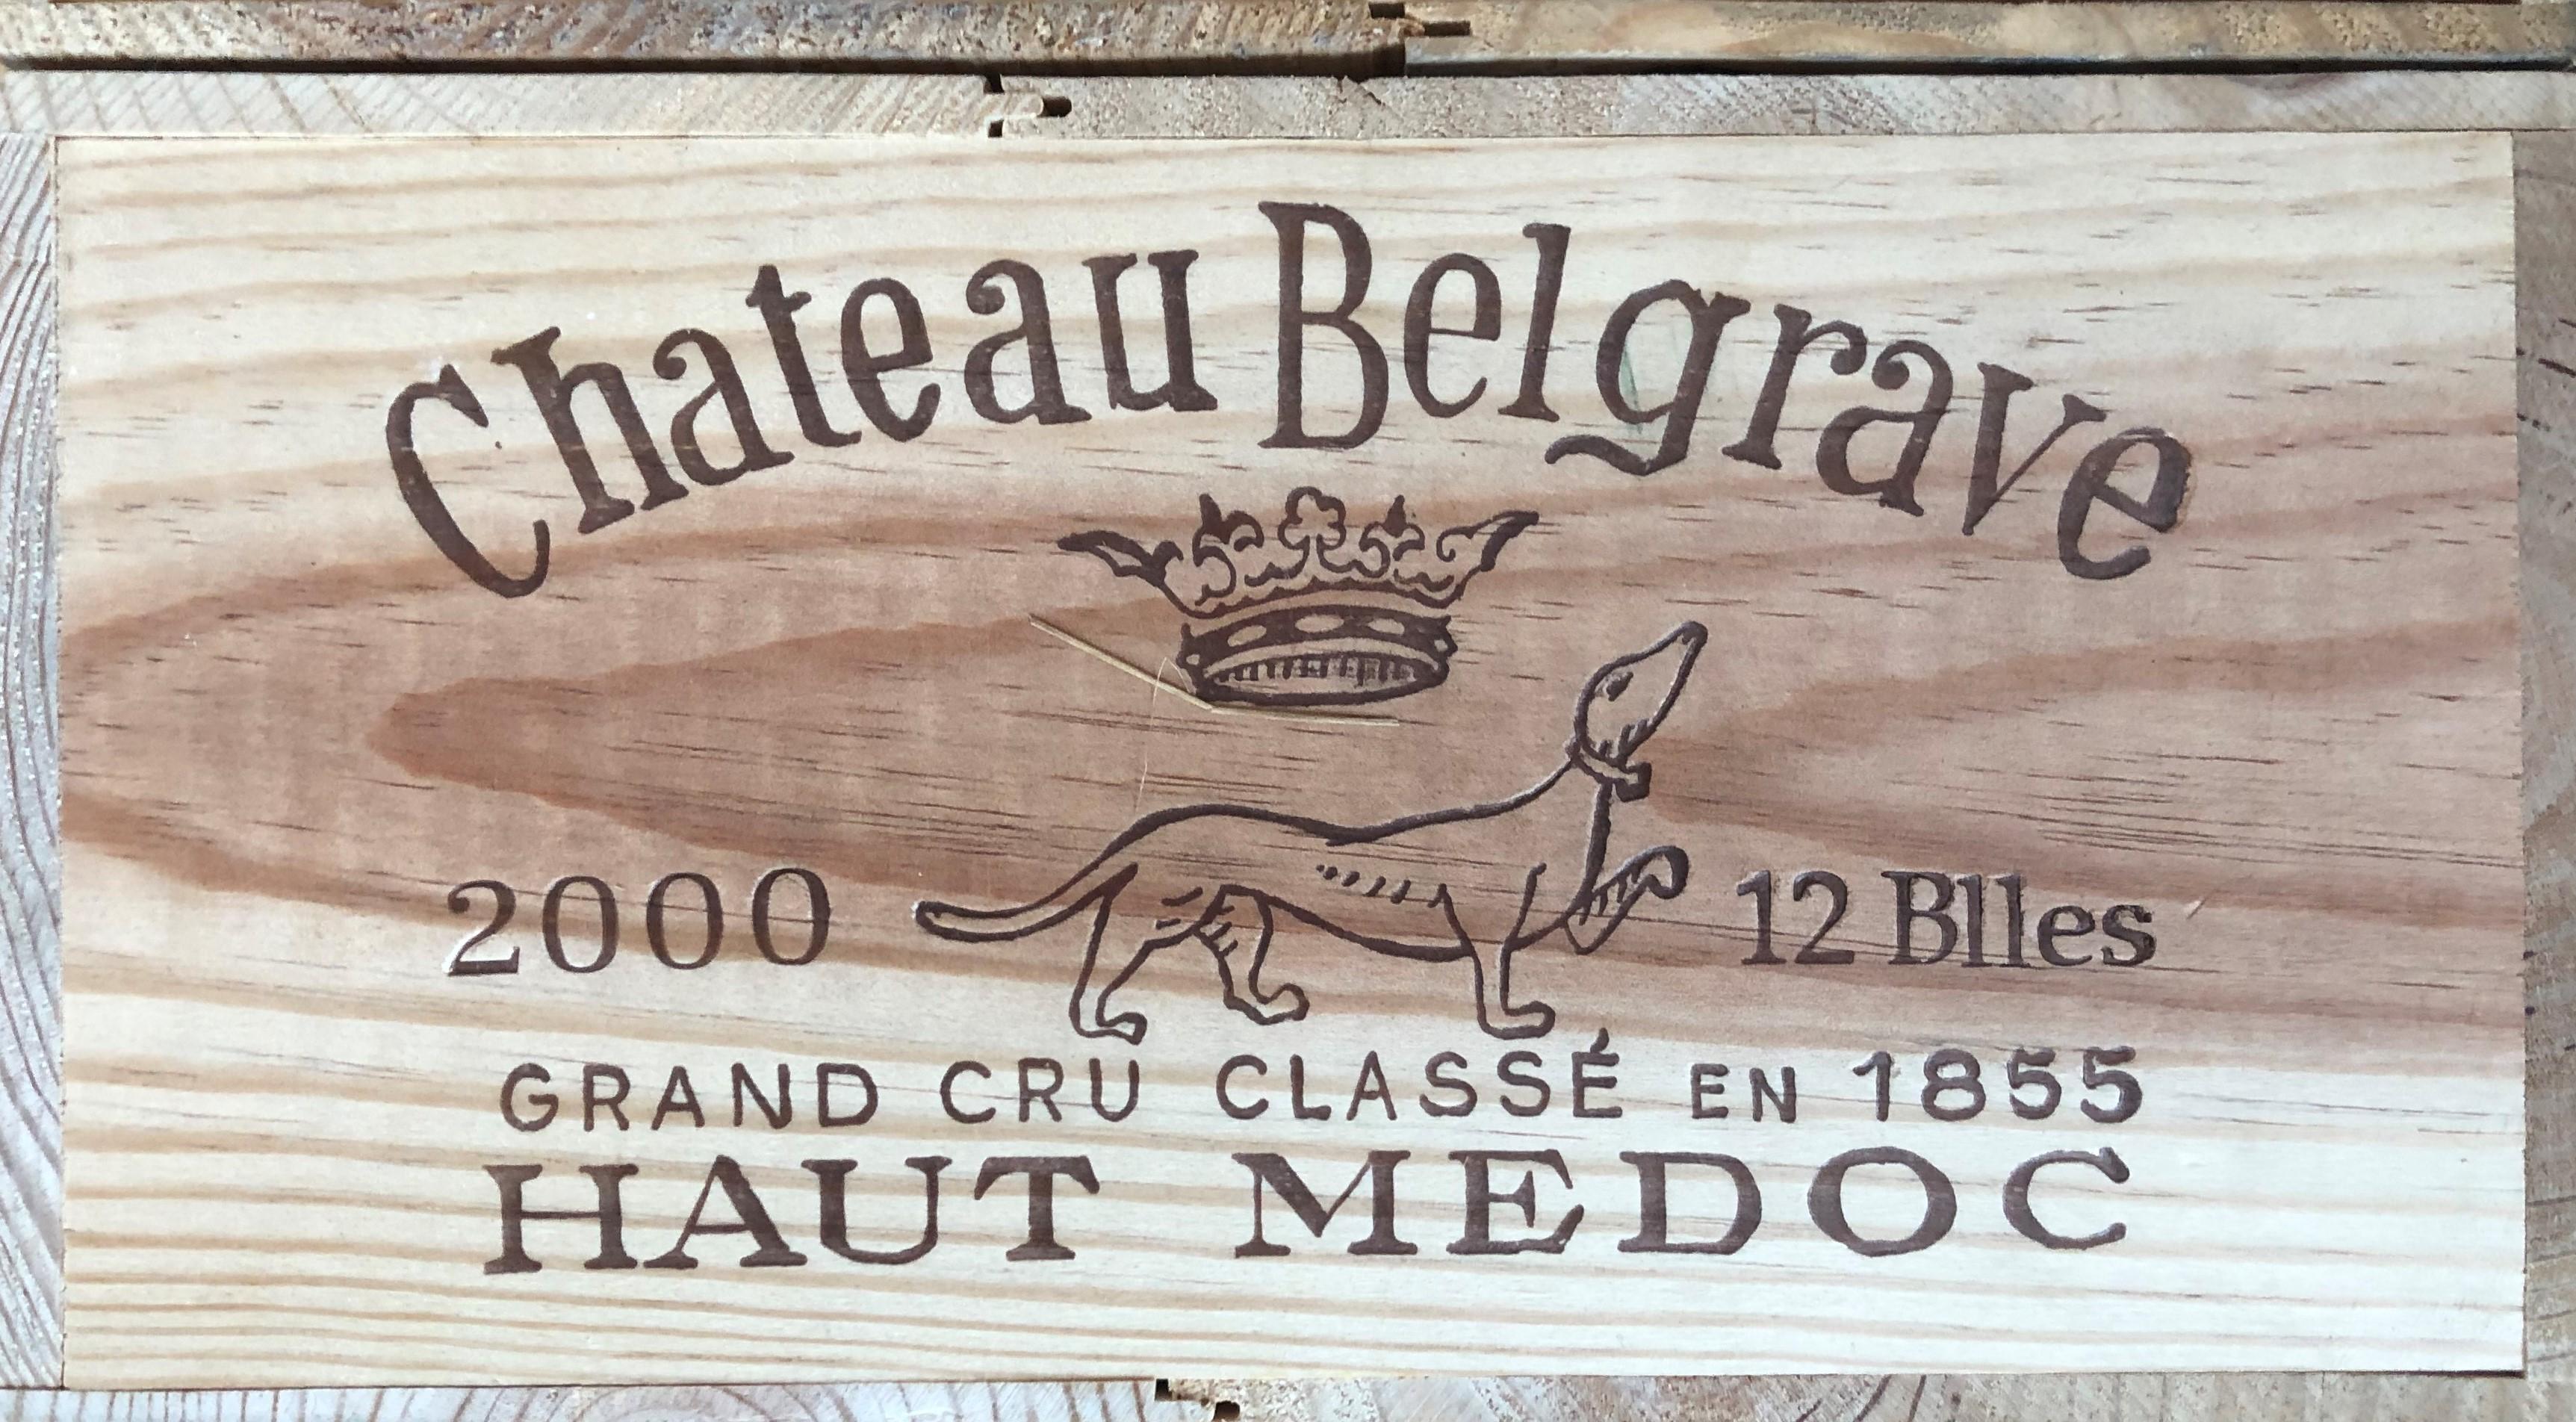 Lot 48 - 2000 Belgrave, Haut Medoc, Bordeaux, France, 12 bottles